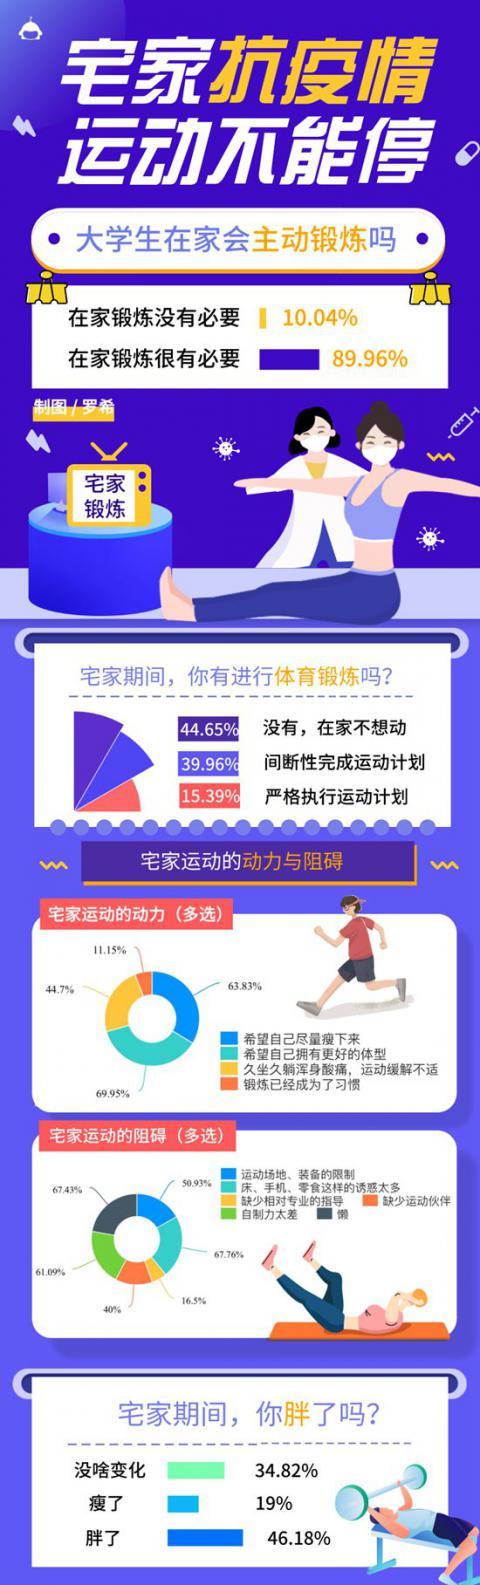 『中国青年网』近五成大学生宅家期间变胖 九成运动量低于往常